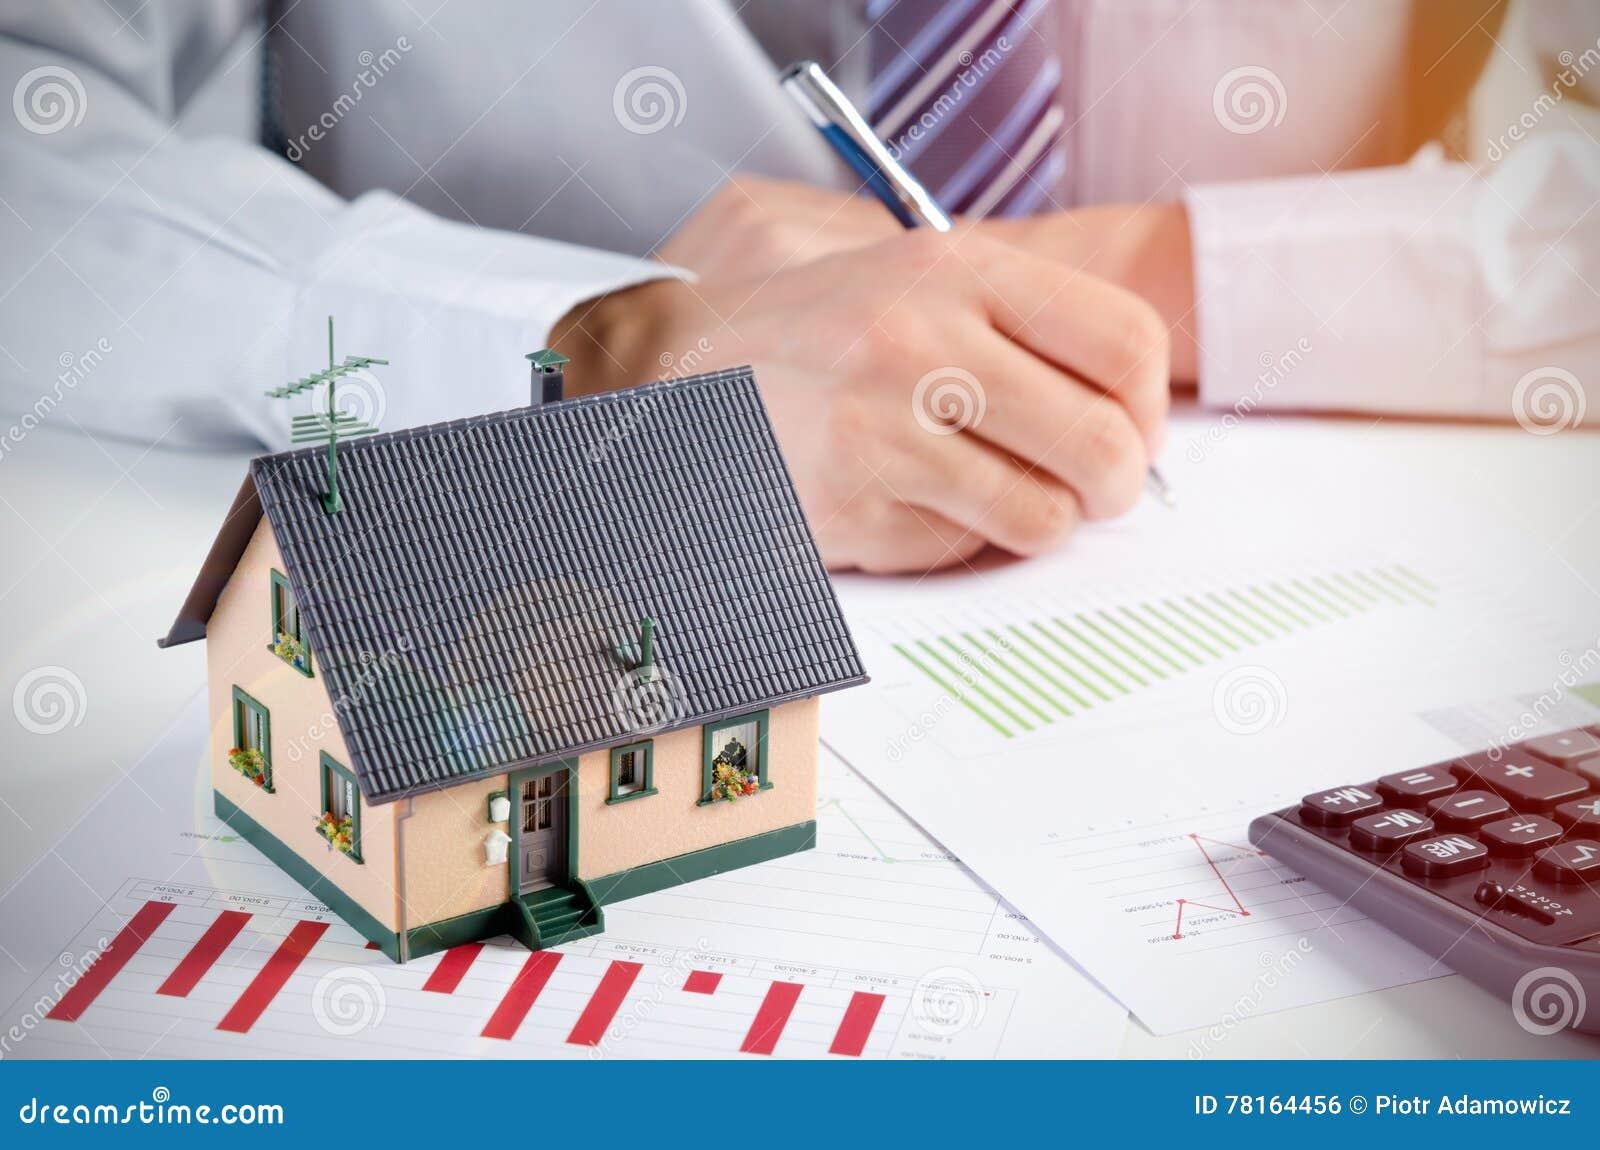 comment calculer le prix de sa maison calculer le prix de sa maison comment calculer le prix. Black Bedroom Furniture Sets. Home Design Ideas